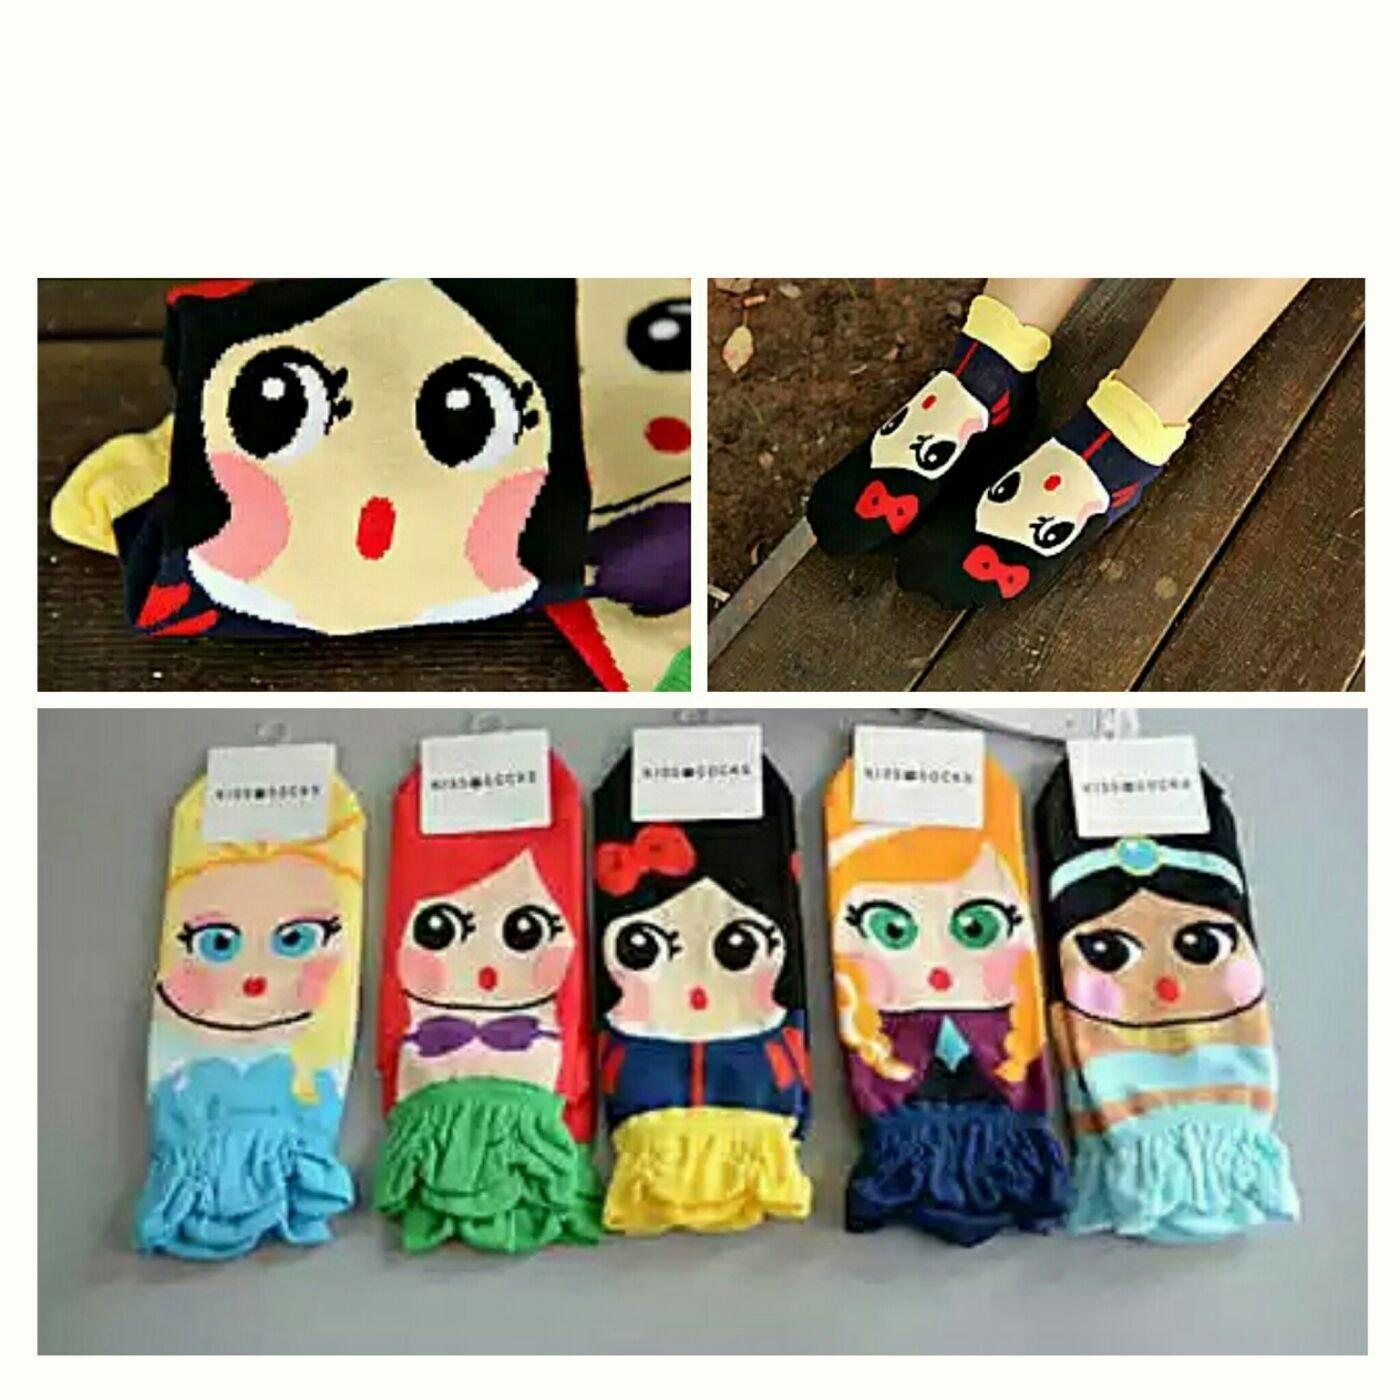 韓國製 韓版 小美人魚 愛麗絲 安娜 艾莎 冰雪奇緣 白雪公主 襪子 女襪 棉襪 直板襪 現貨~不挑色